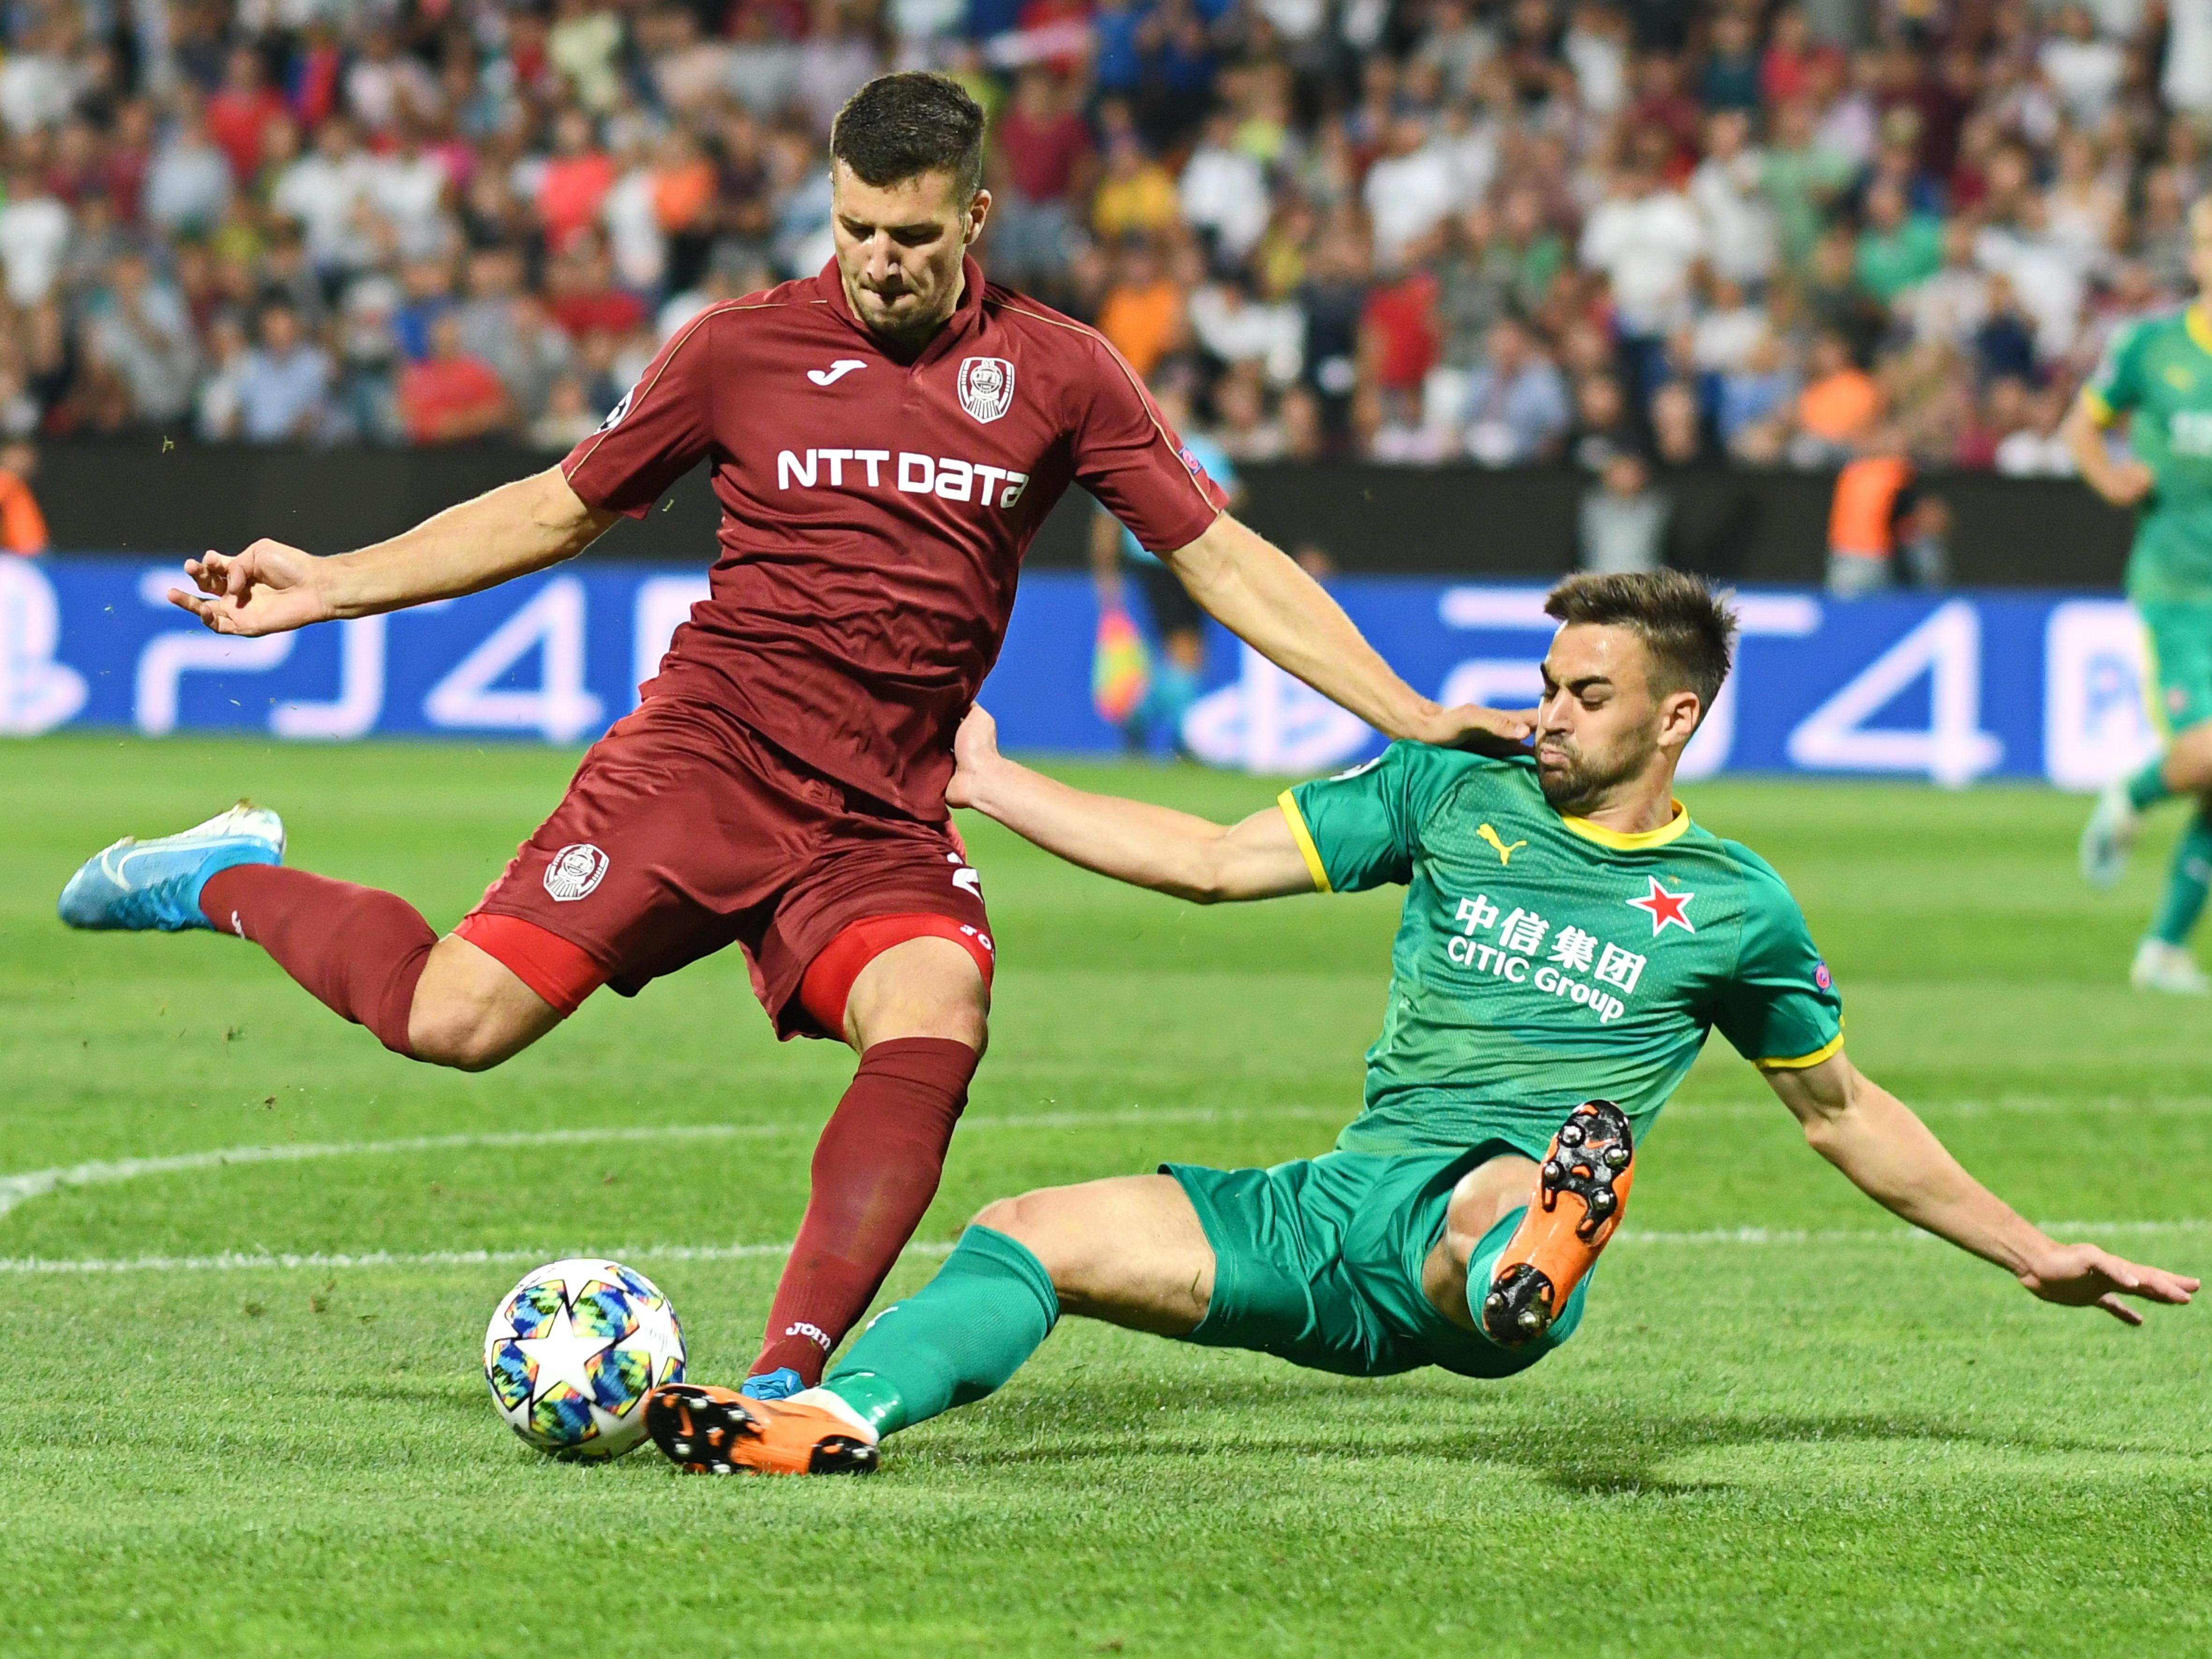 George Țucudean a jucat ultima dată în returul dublei cu Slavia Praga. Sursă Foto: Sportpictures